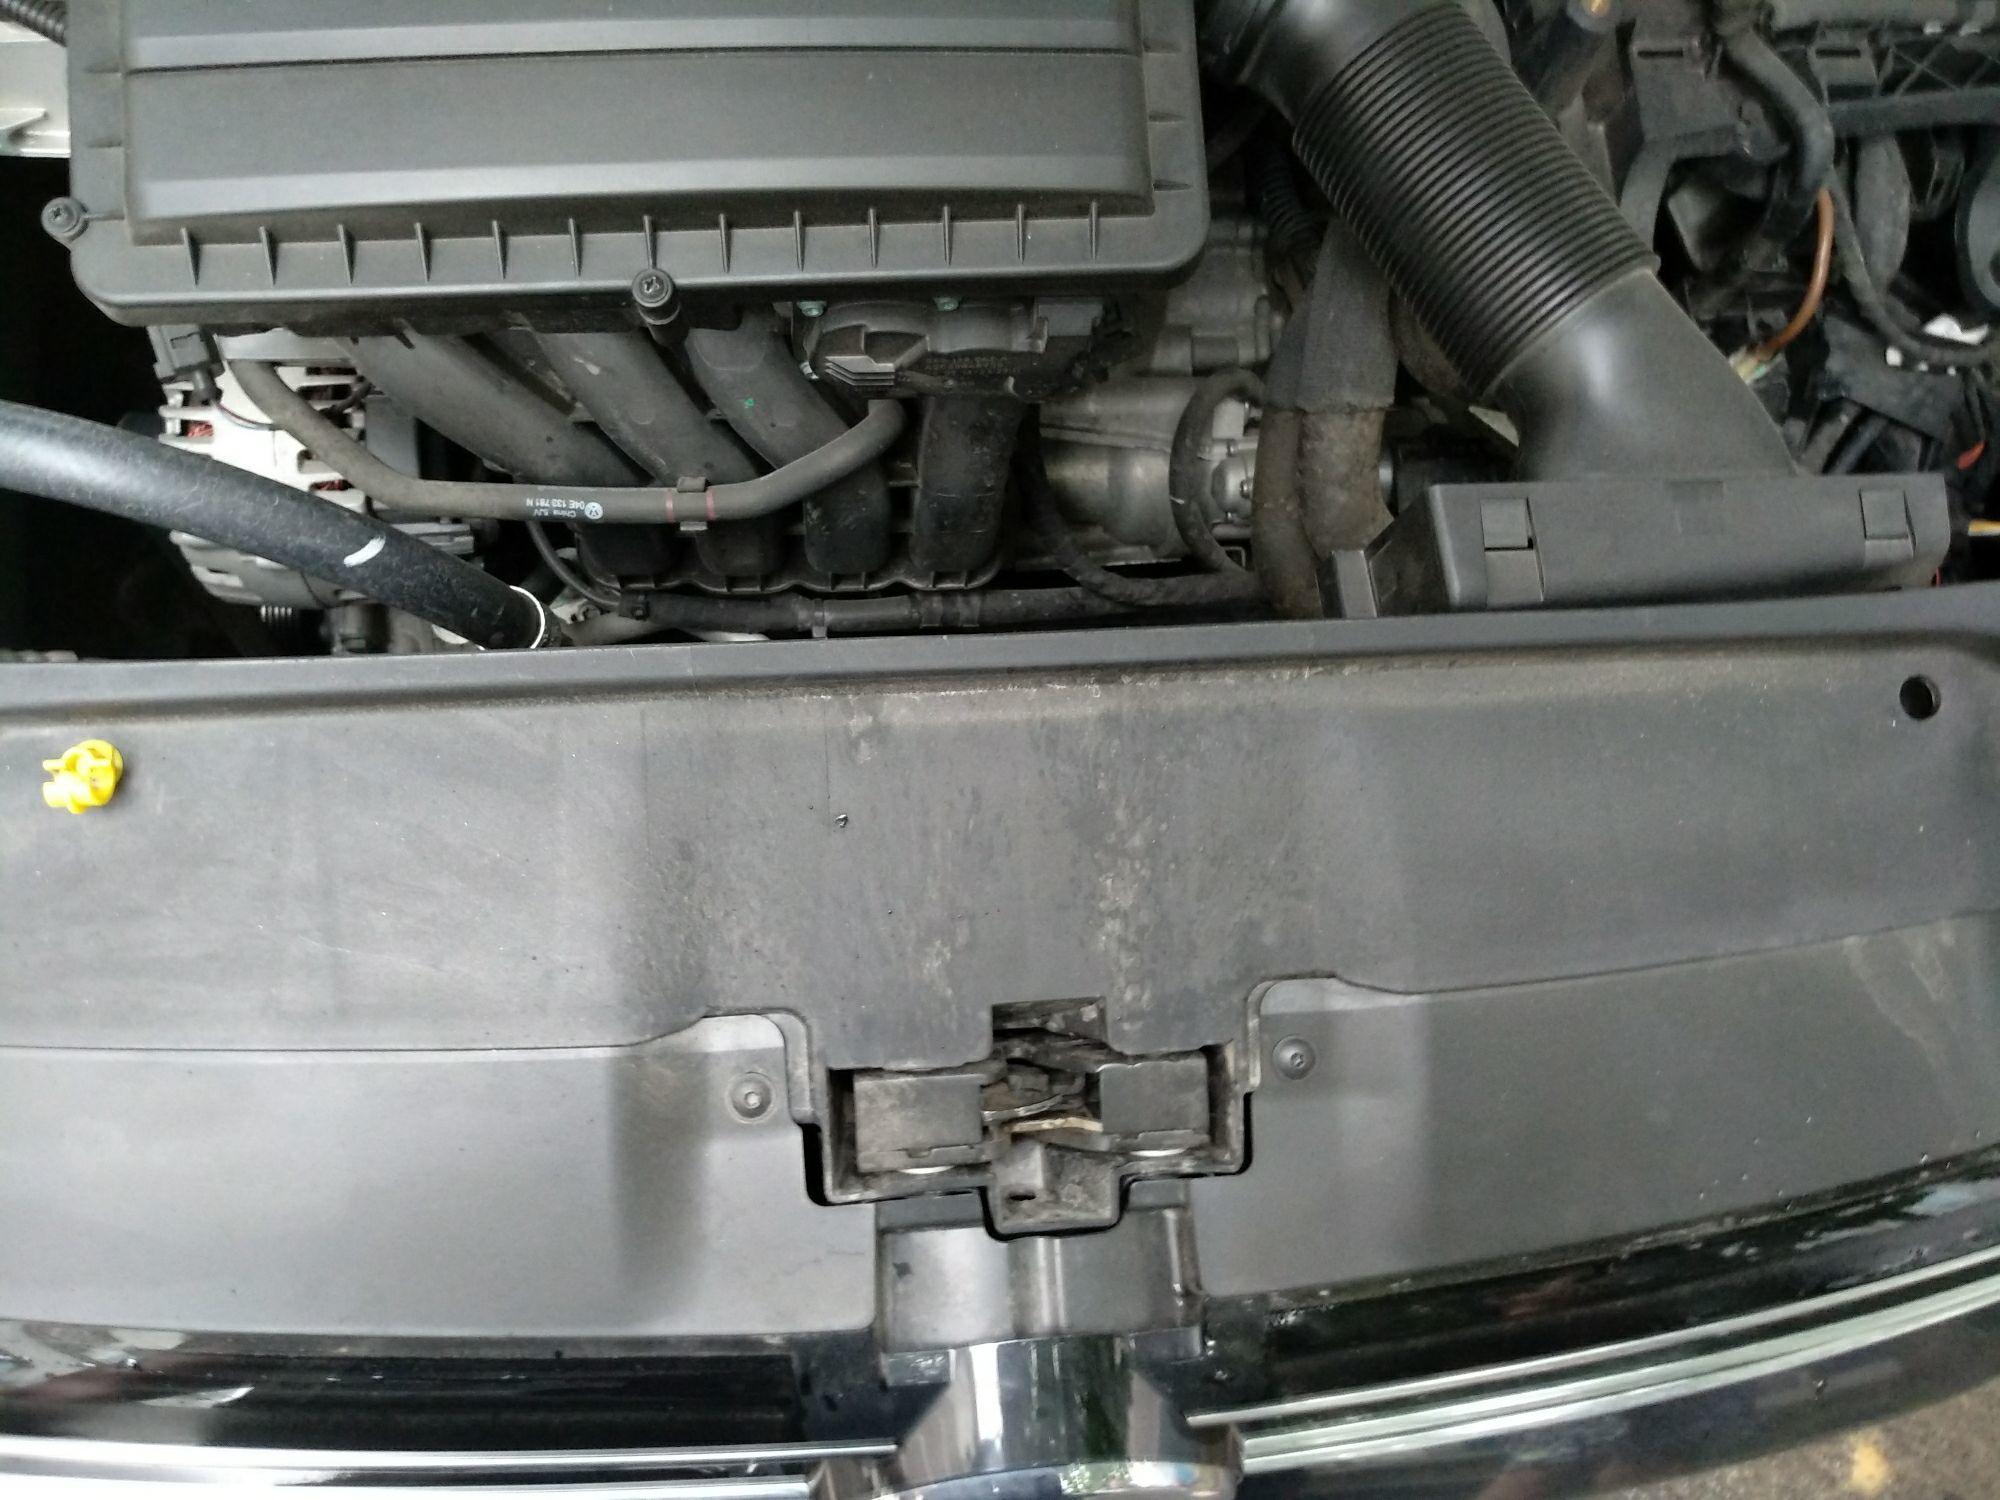 苏州二手大众速腾 > 大众速腾 2015  车头轻微的碰撞会导致水箱框架变